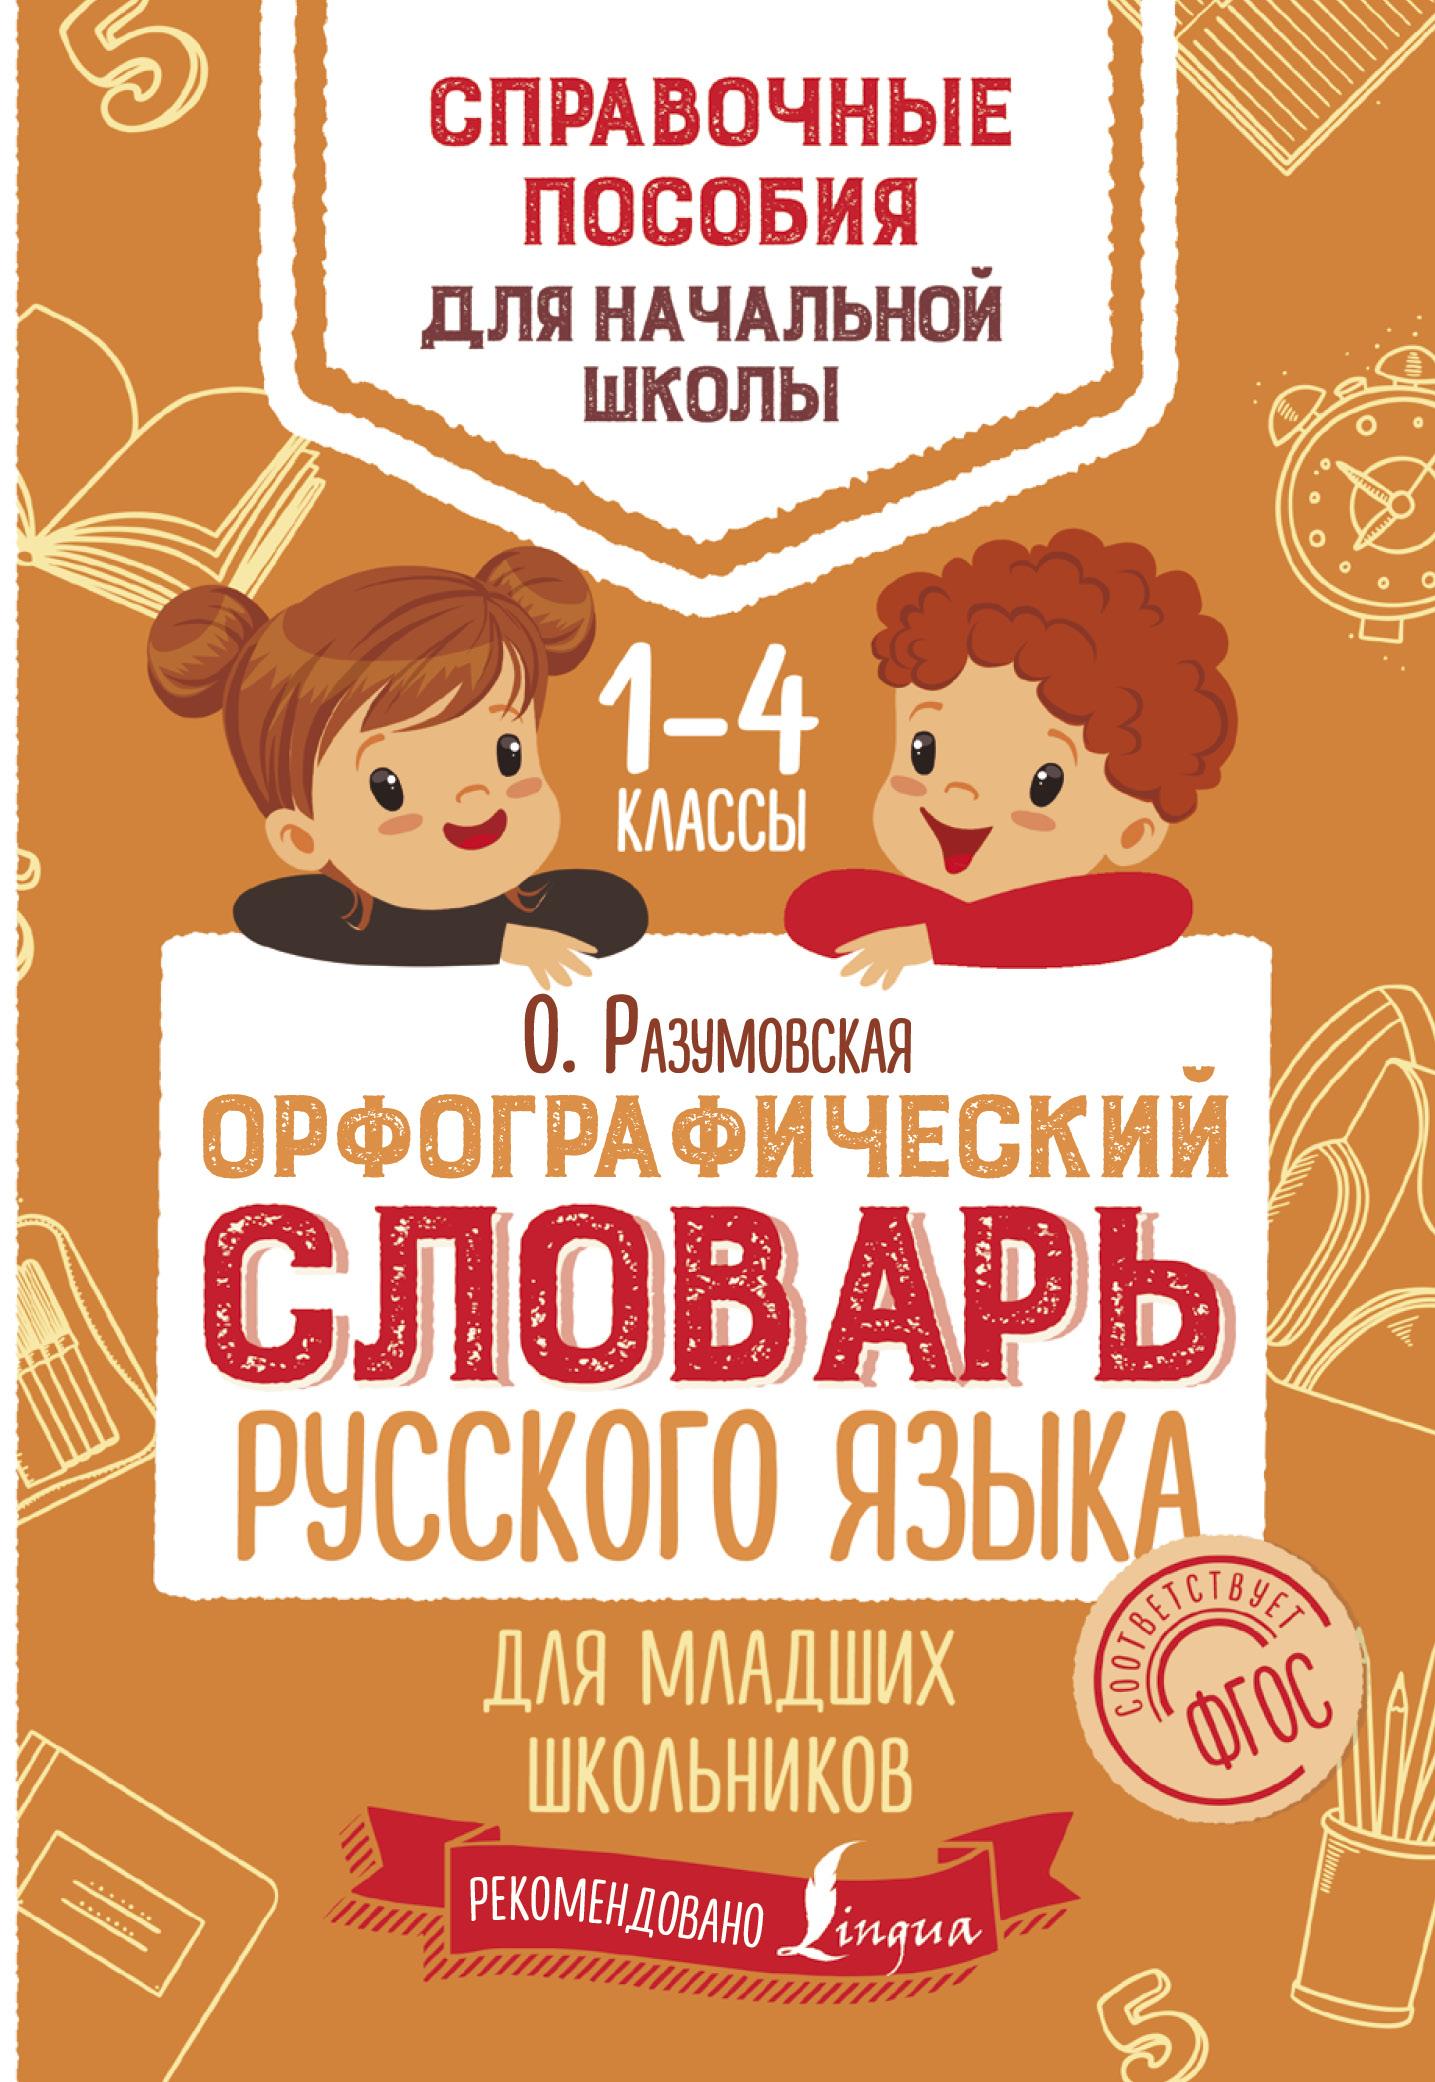 Разумовская О. Орфографический словарь русского языка для младших школьников